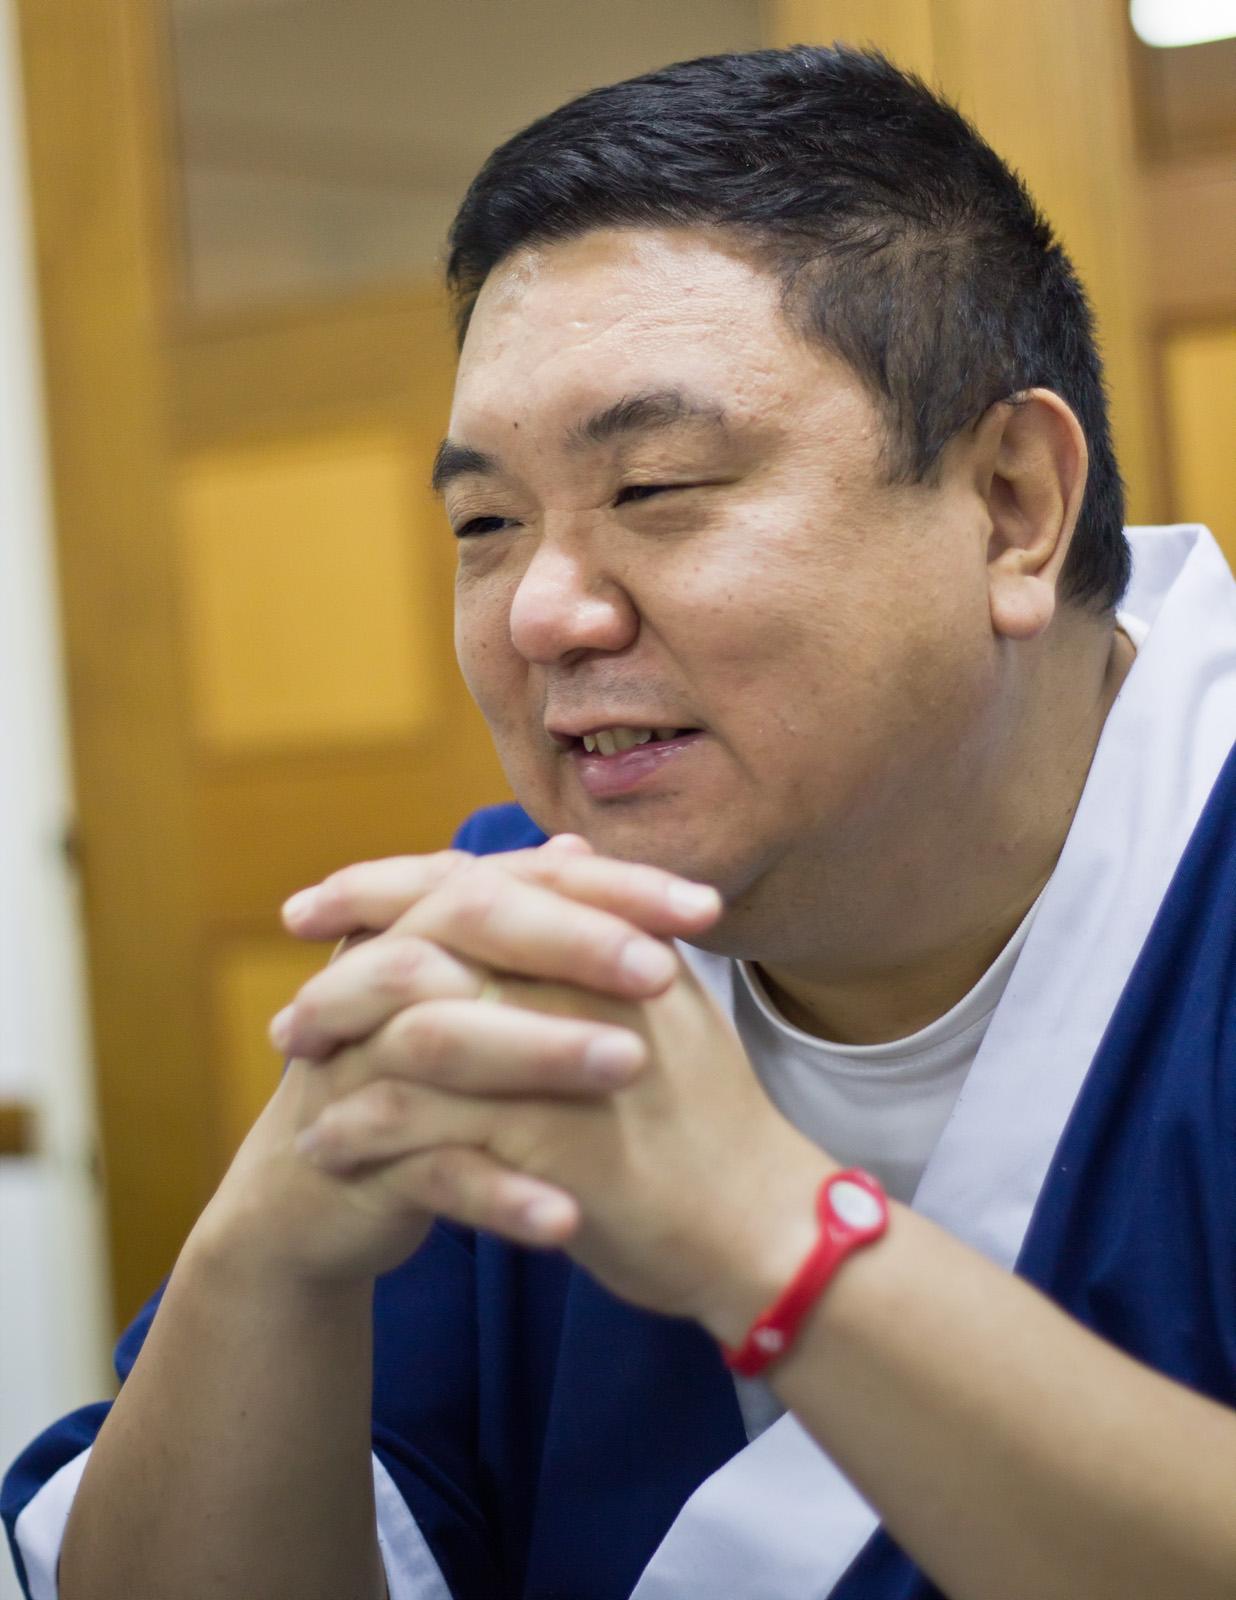 Iwao durante la entrevista con Yahoo! (Foto: Gonzalo Sáenz)